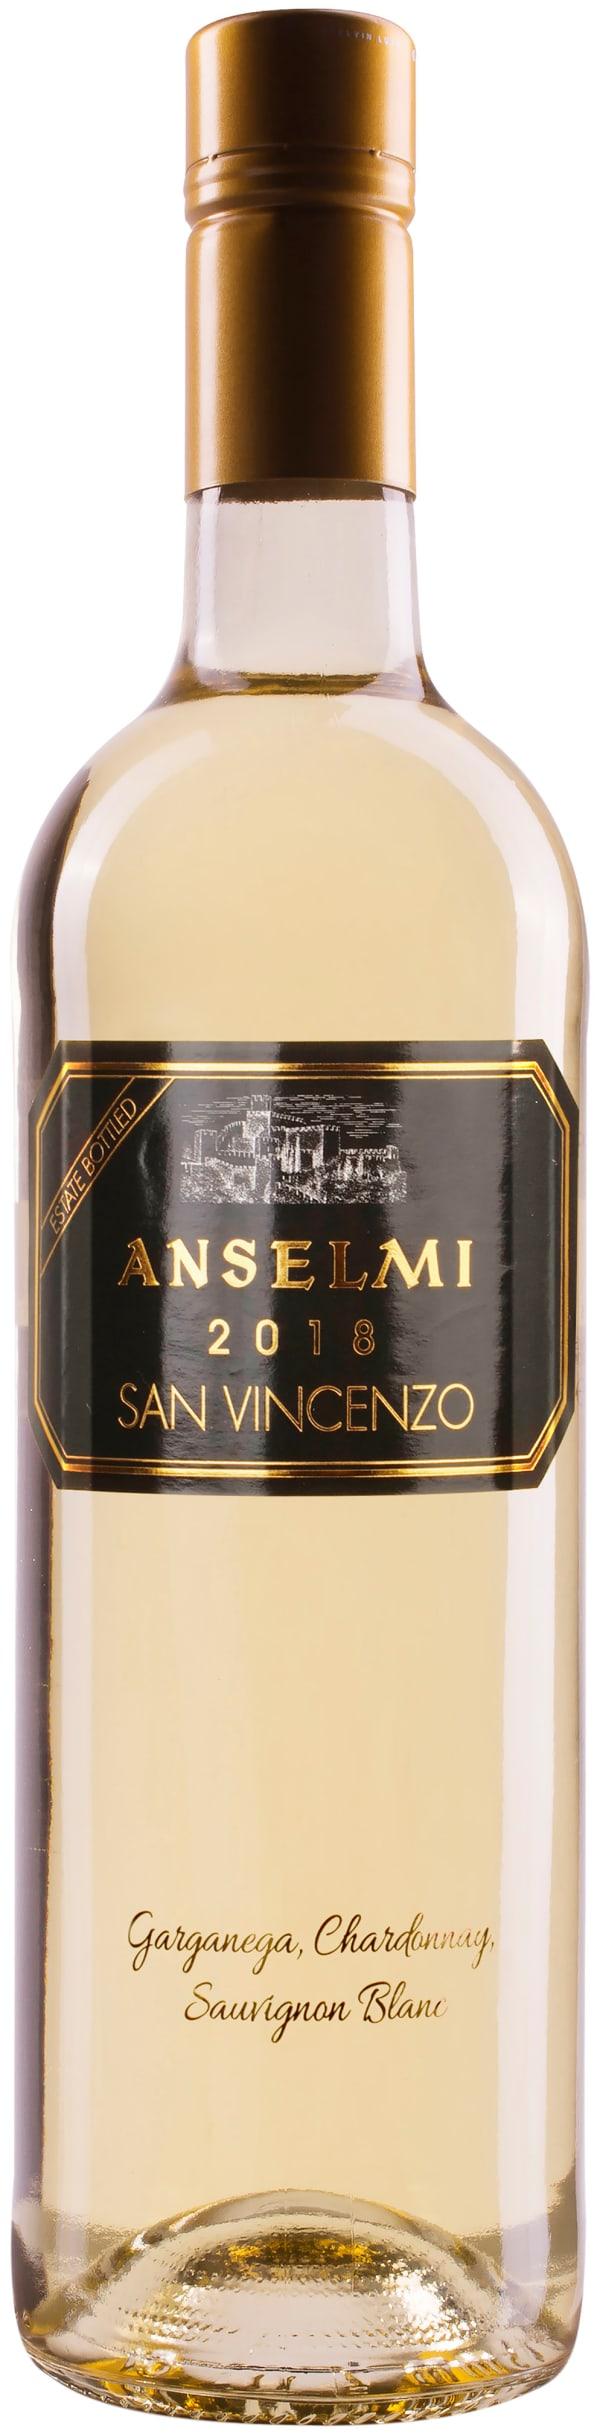 Anselmi San Vincenzo 2018